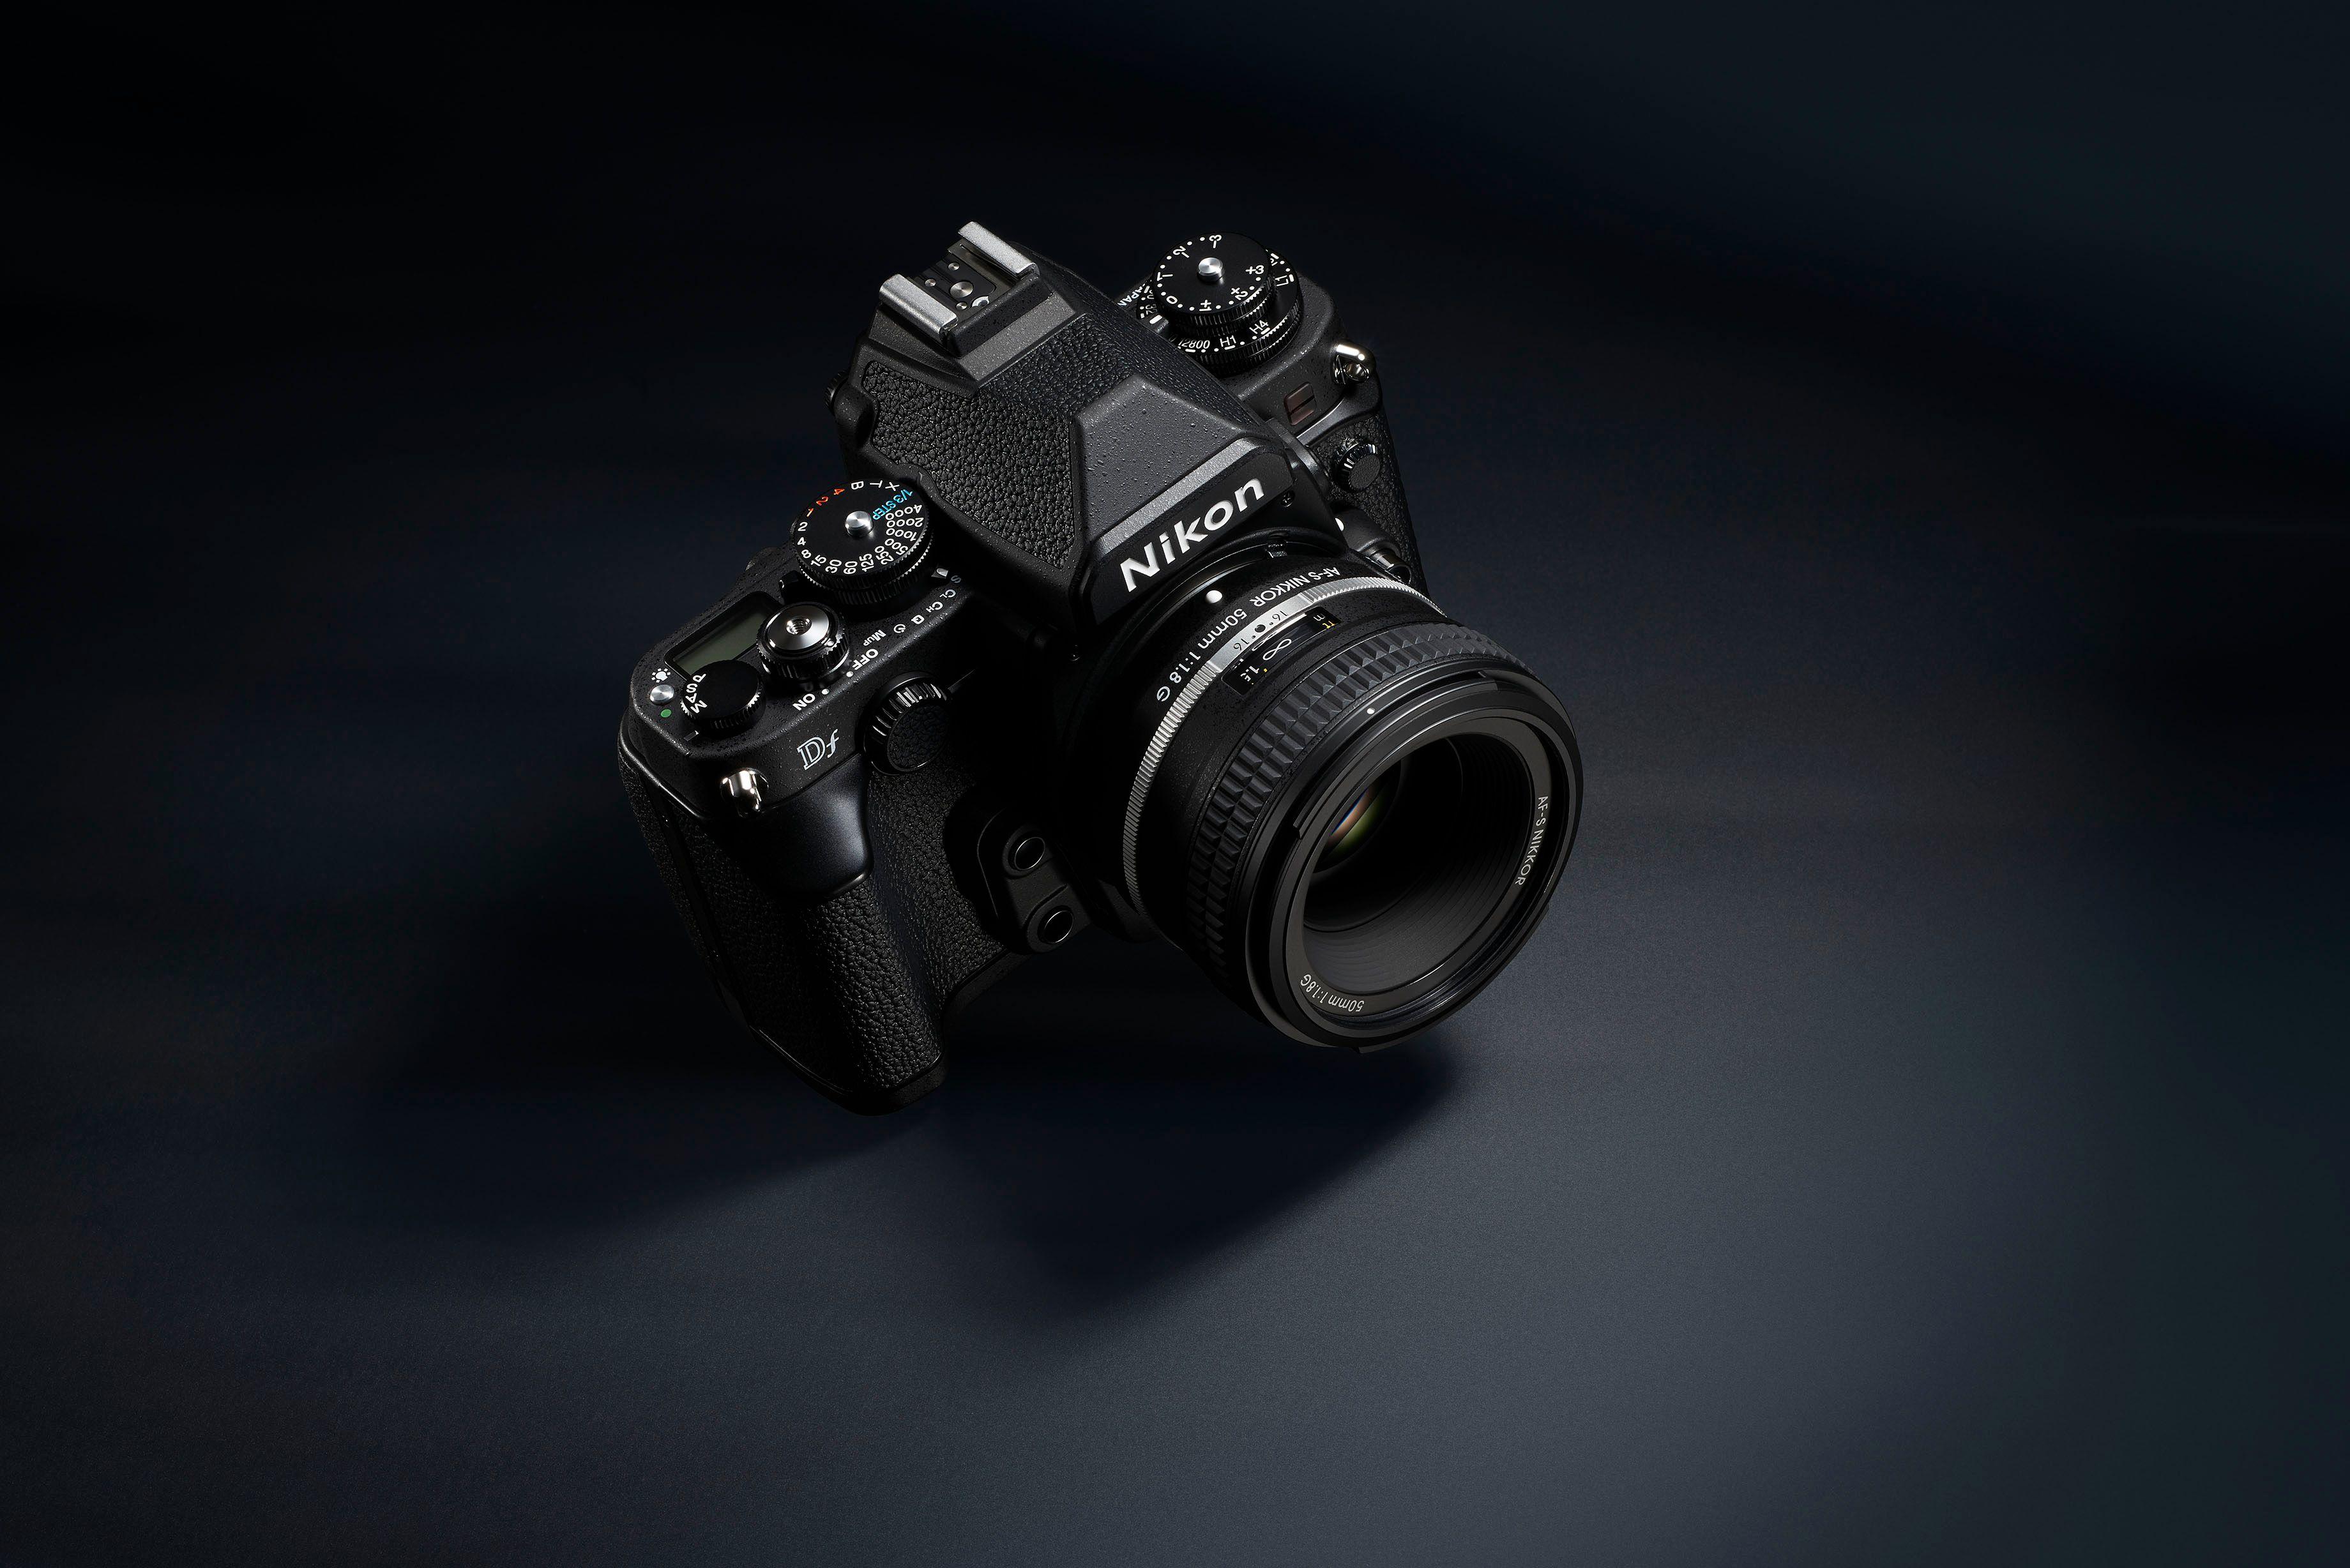 Nikon Df, det siste retrokameraet?Foto: Nikon.com